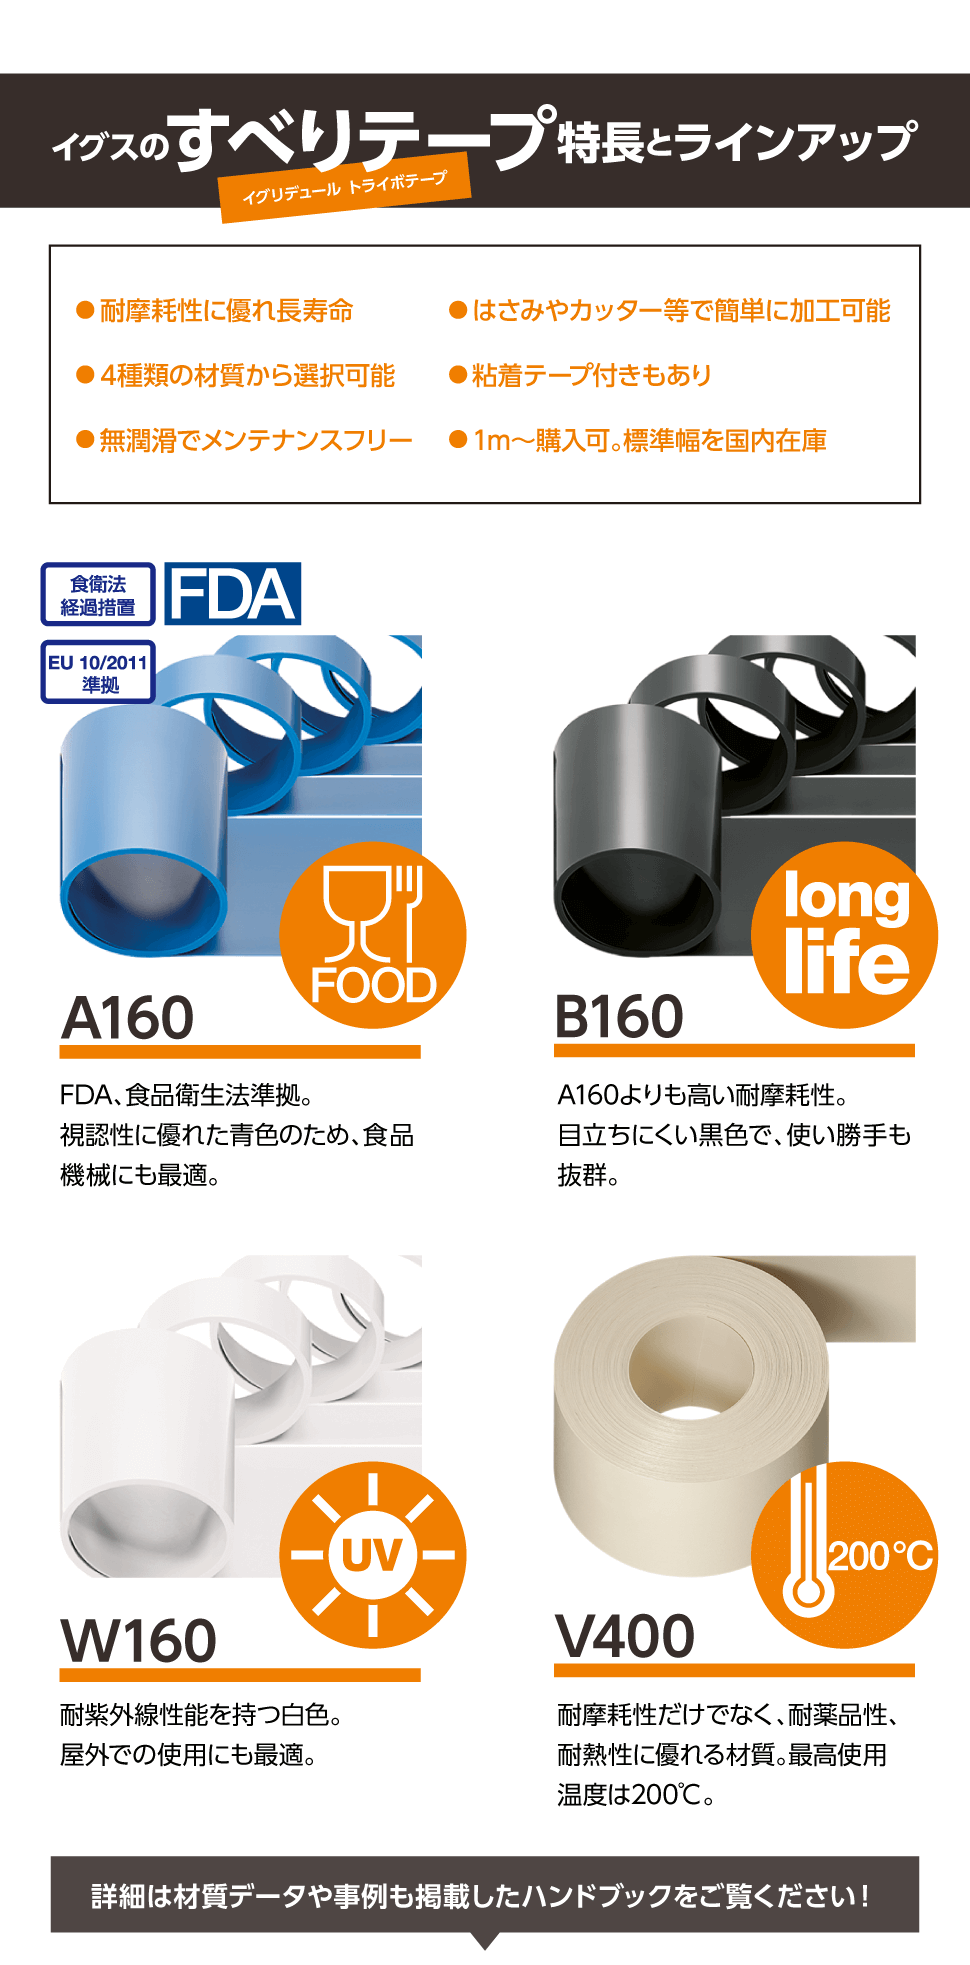 イグスのすべりテープ(イグリデュール トライボテープ) 特長とラインアップ ●耐摩耗性に優れ長寿命 ●4種類の材質から選択可能 ●無潤滑でメンテナンスフリー ●はさみやカッター等で簡単に加工可能 ●粘着テープ付きもあり ●1m~購入可。標準幅を国内在庫 【A160】FDA、食品衛生法準拠。視認性に優れた青色のため、食品機械にも最適。 【B160】A160よりも高い耐摩耗性。目立ちにくい黒色で、使い勝手も抜群。 【W160】耐紫外線性能を持つ白色。屋外での使用にも最適。 【V400】耐摩耗性だけでなく、耐薬品性、耐熱性に優れる材質。最高使用温度は200℃。 詳細は材質データや事例も掲載したハンドブックをご覧ください!